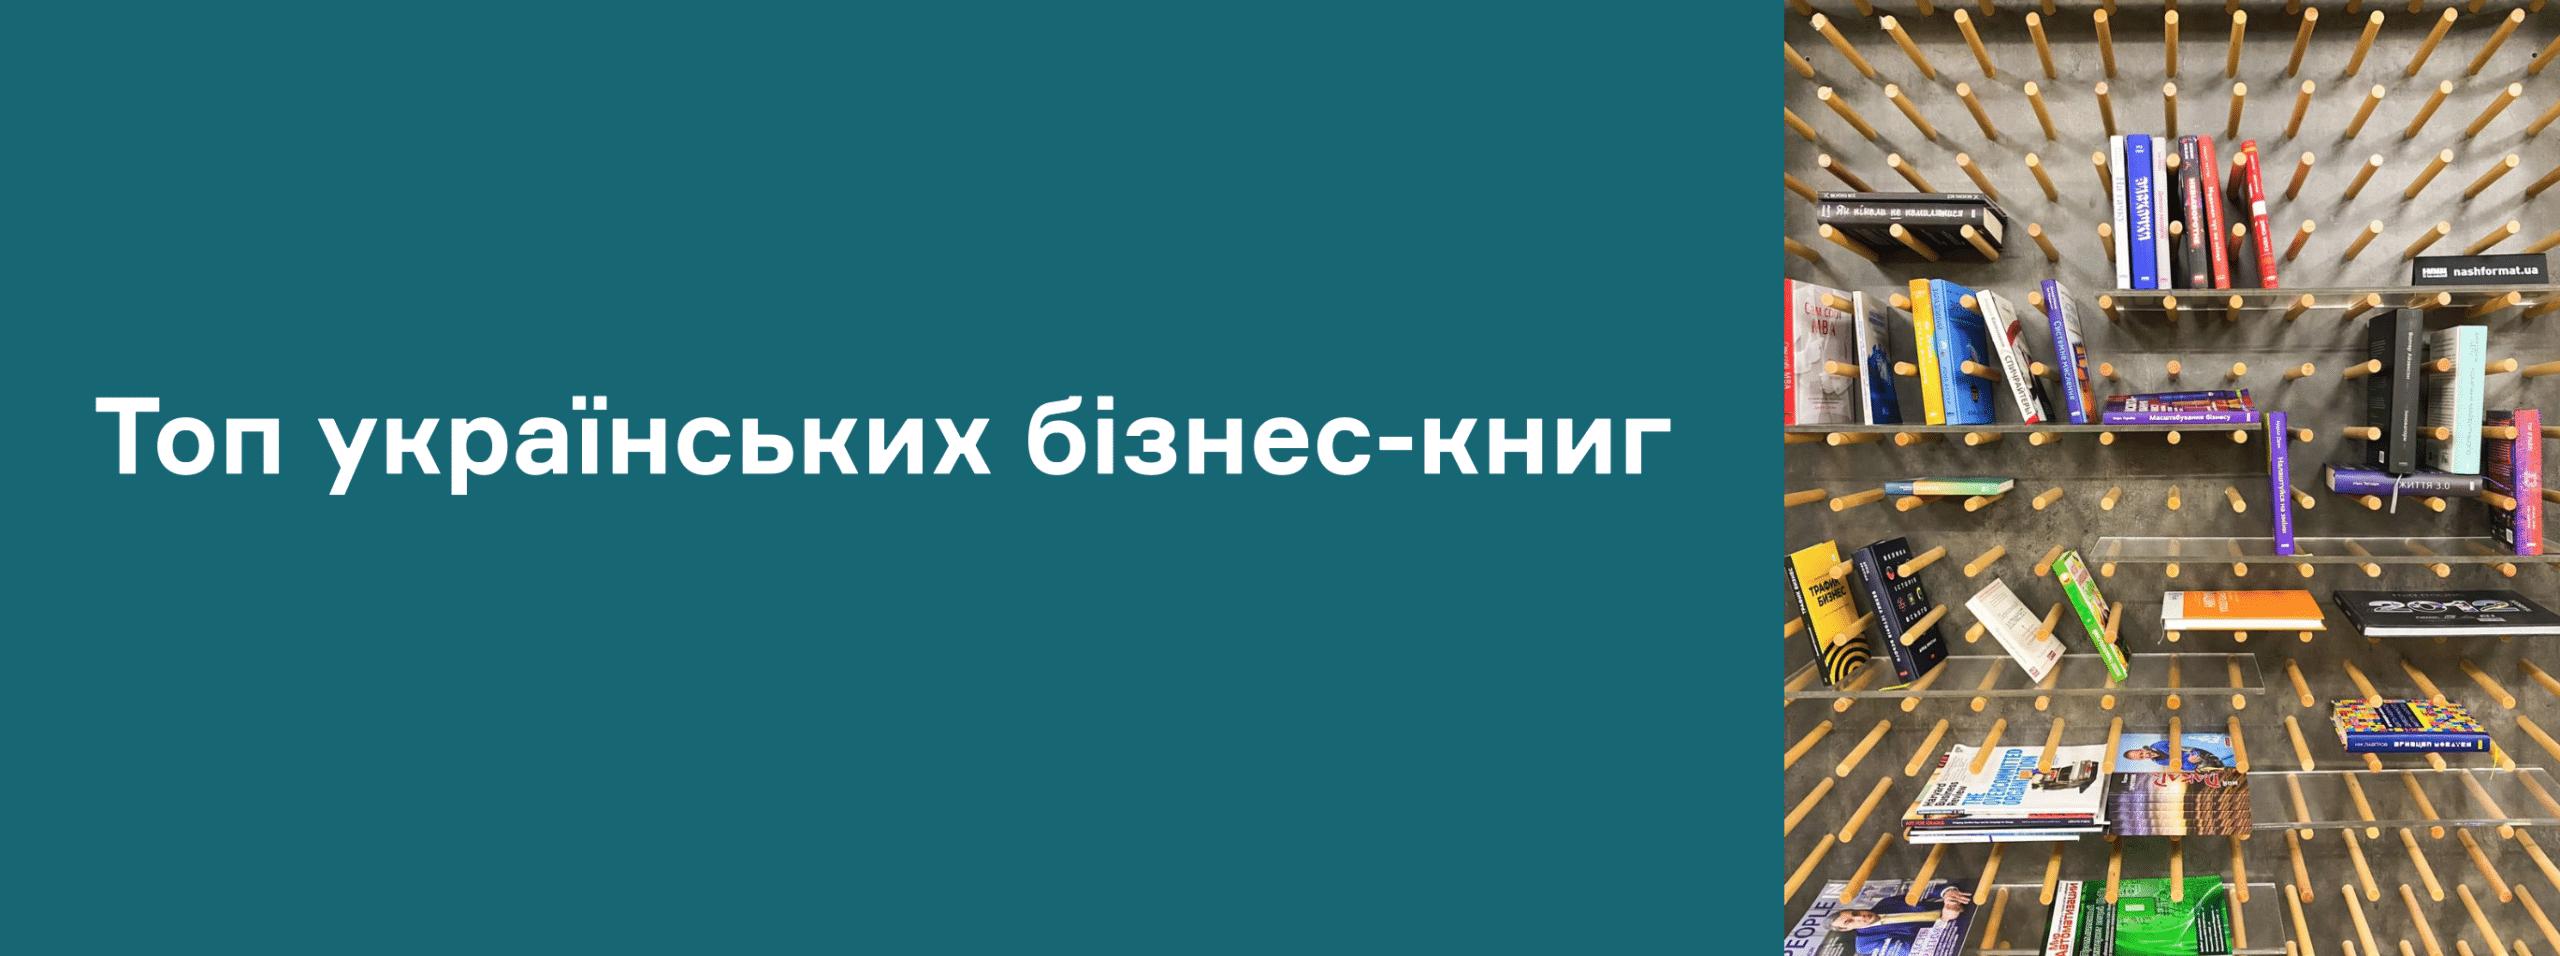 Найцікавіше з написаного українськими бізнесменами за 29 років незалежності